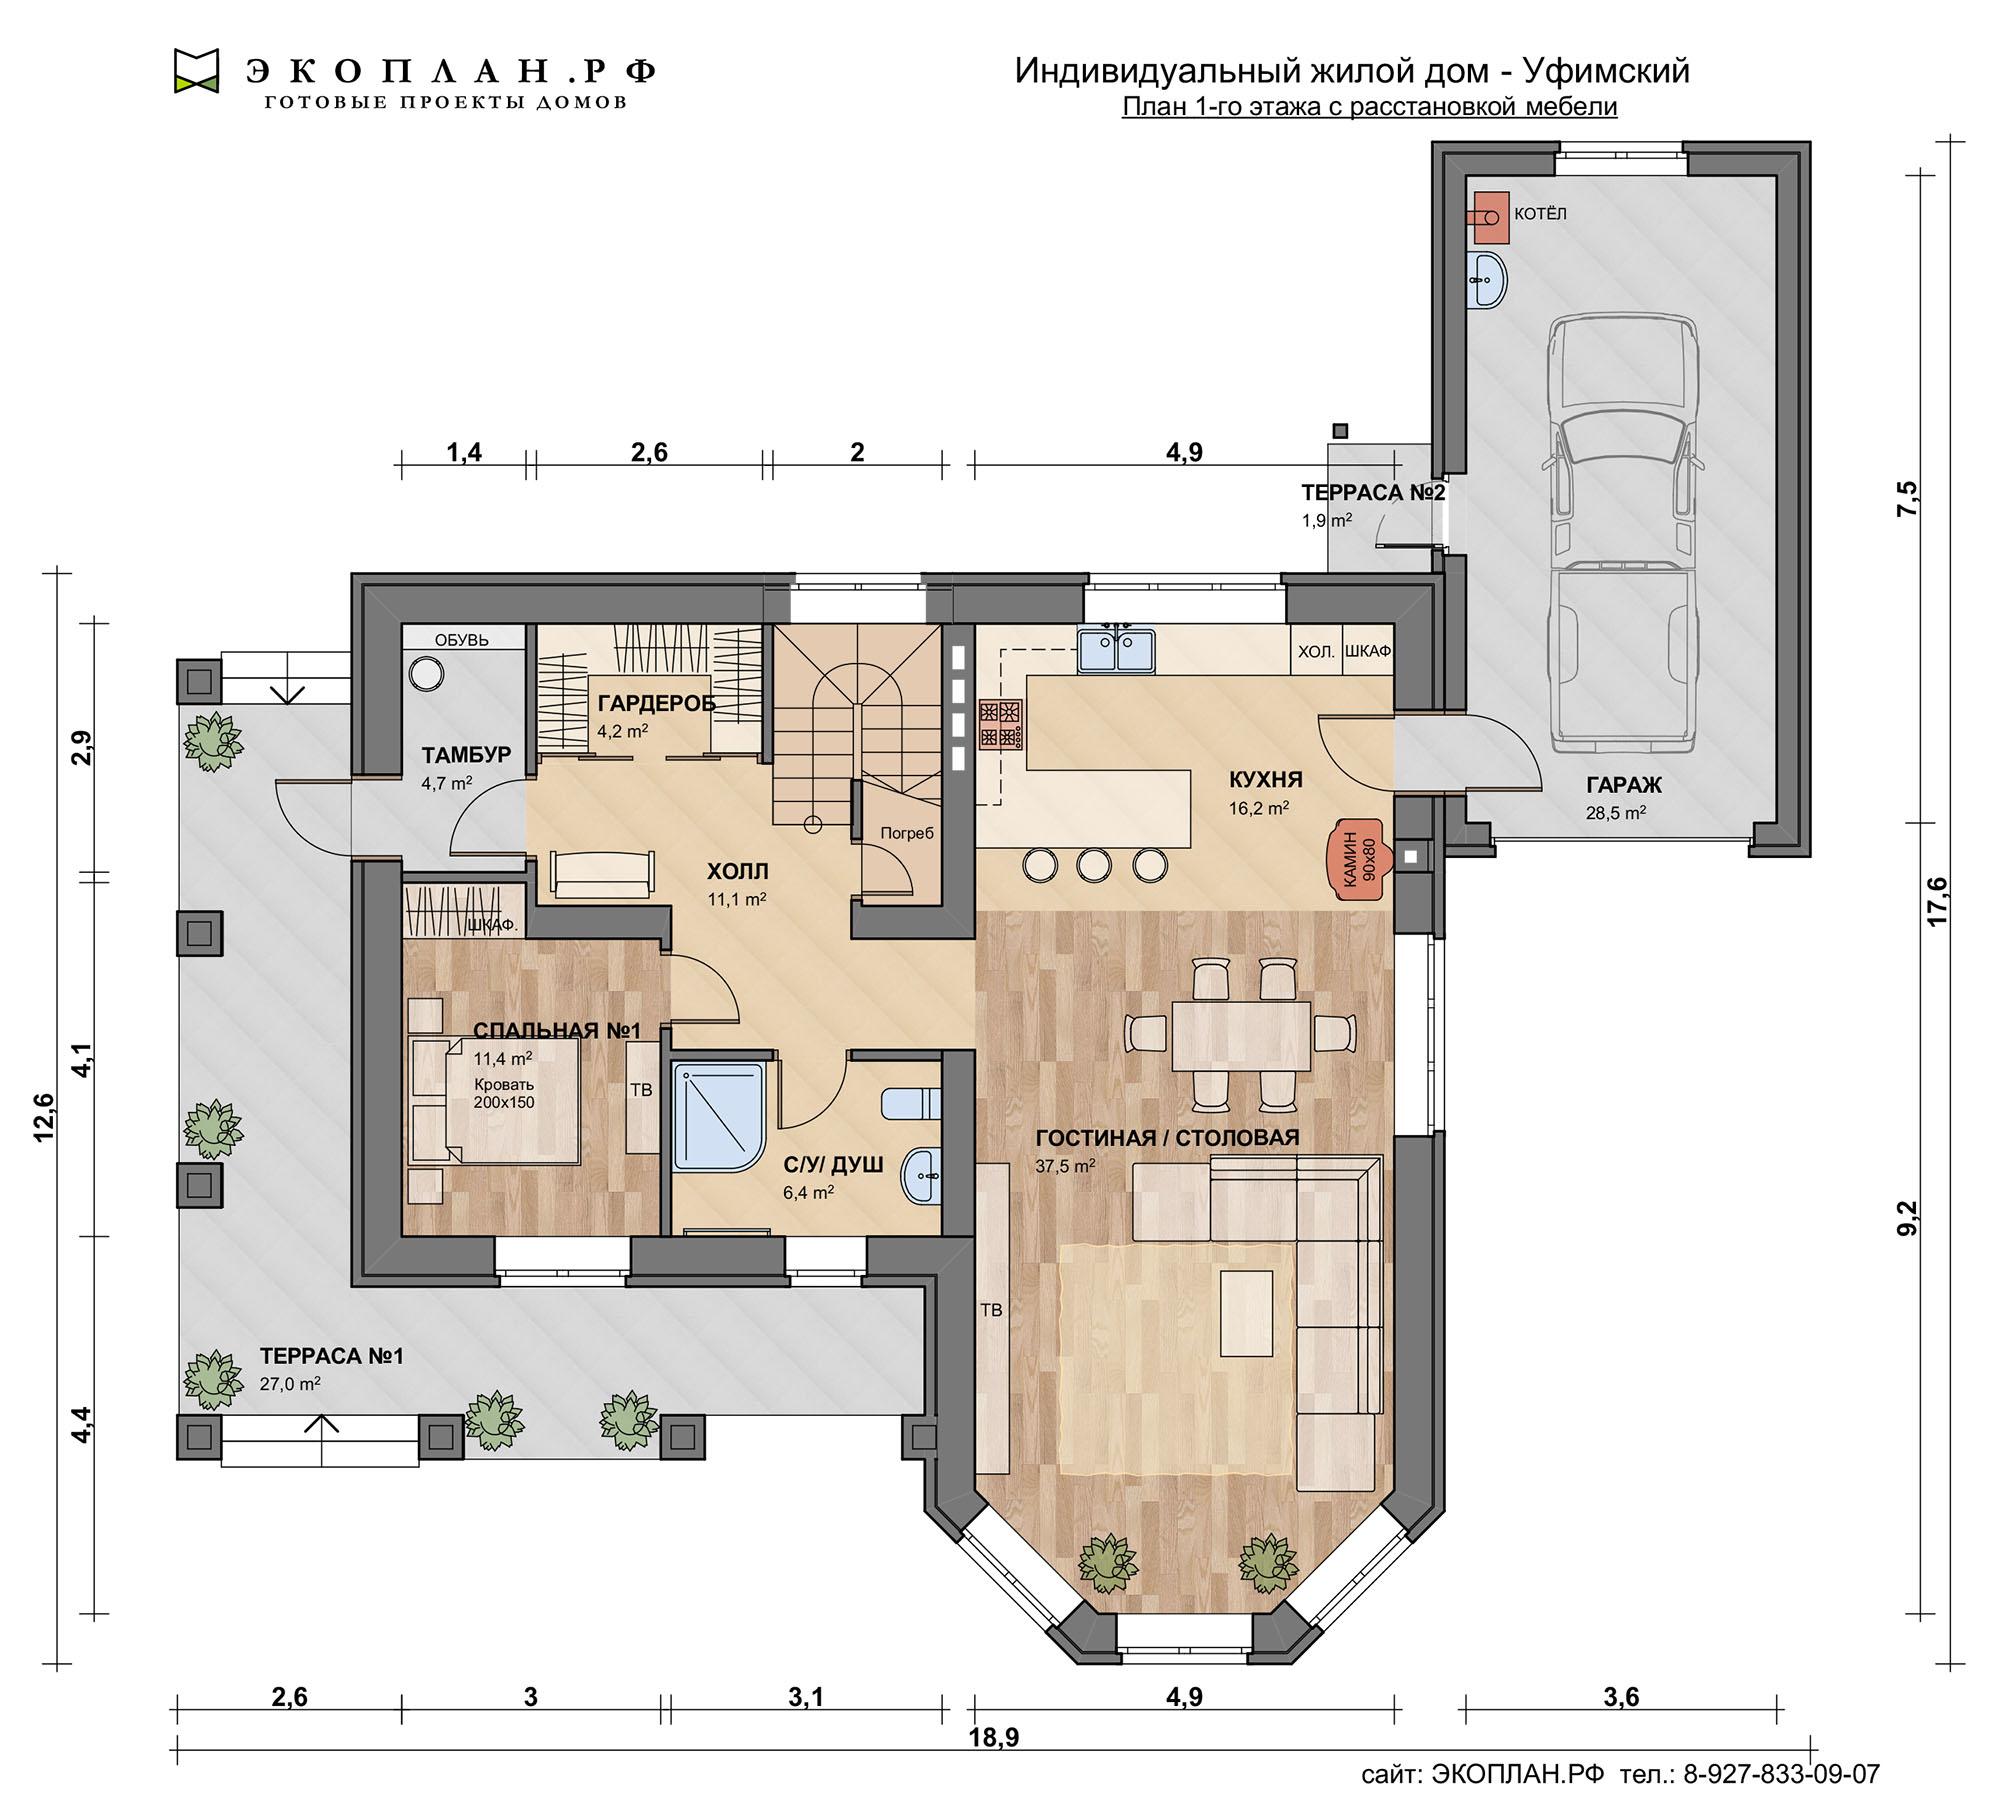 Уфимский - Готовый проект дома - Экоплан план